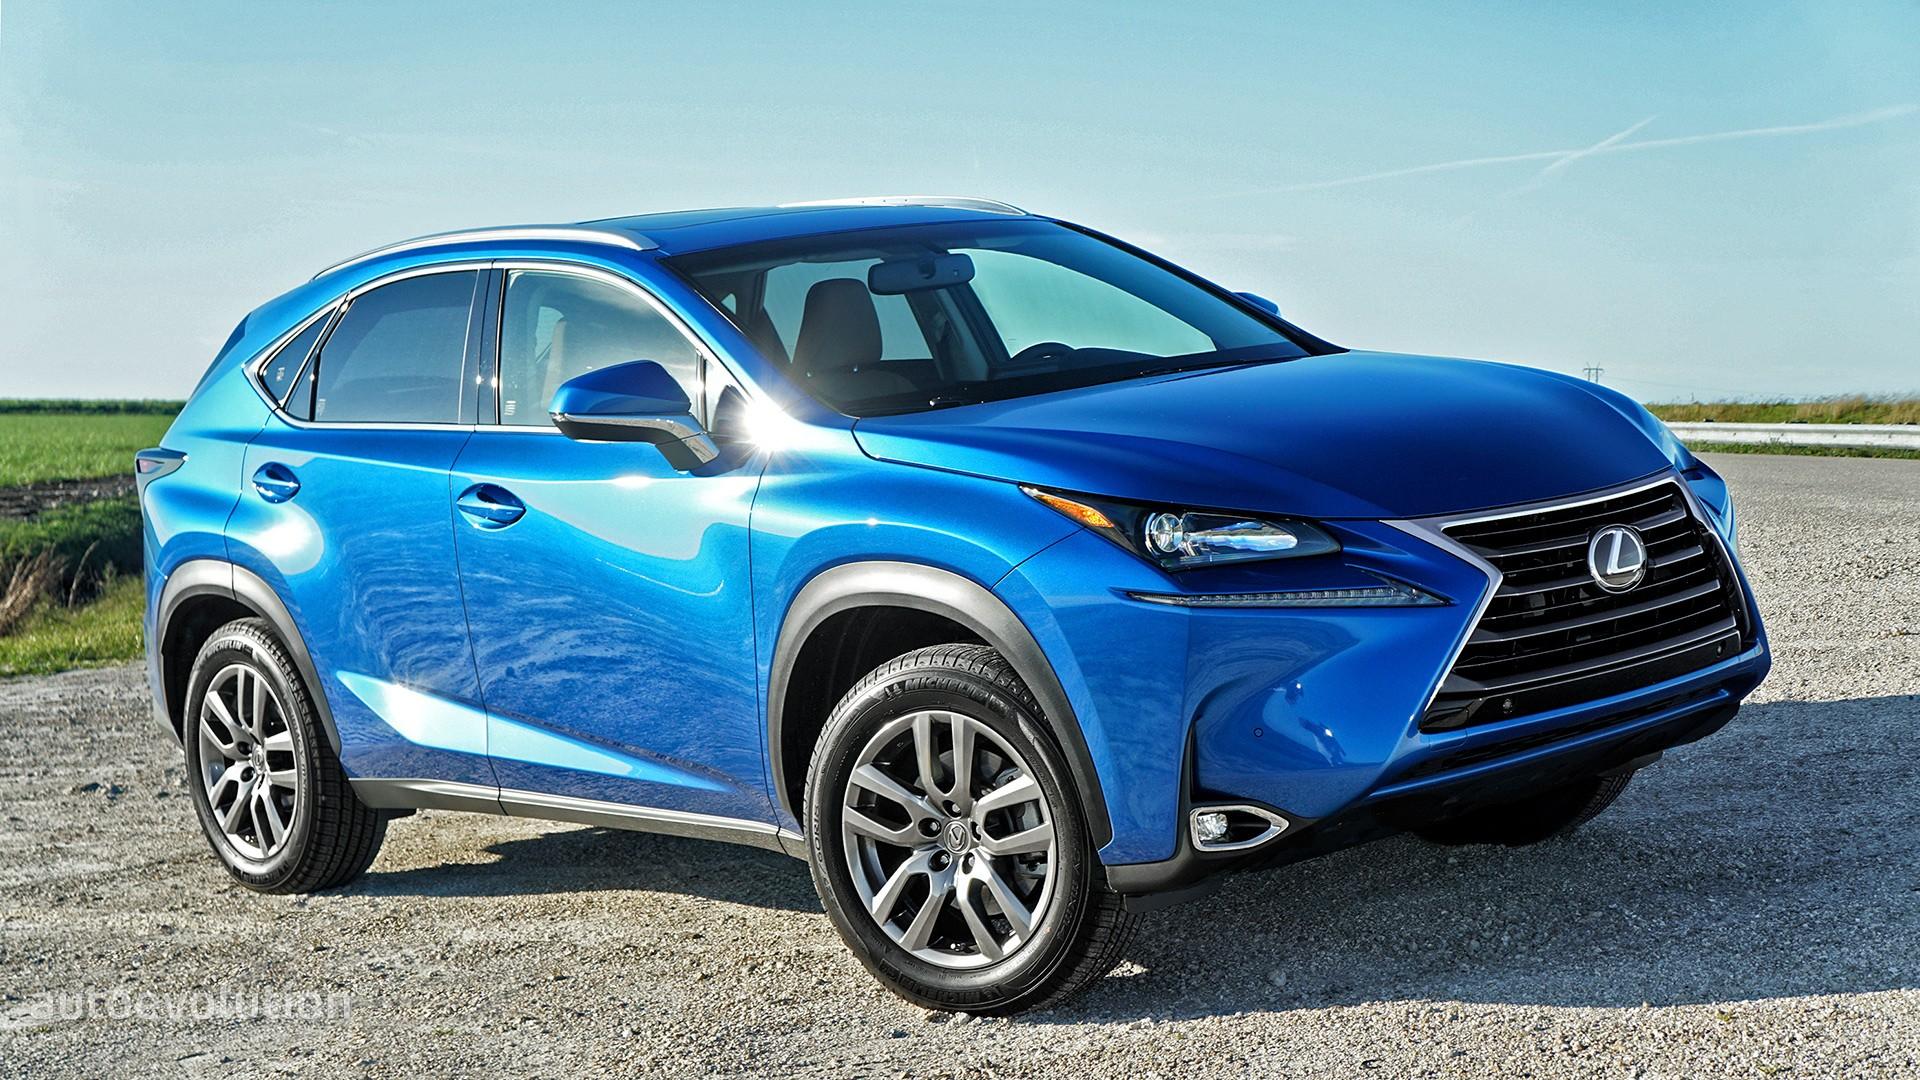 Lexus UX Concept Design Revealed ahead of Paris, Previews New Compact SUV - autoevolution